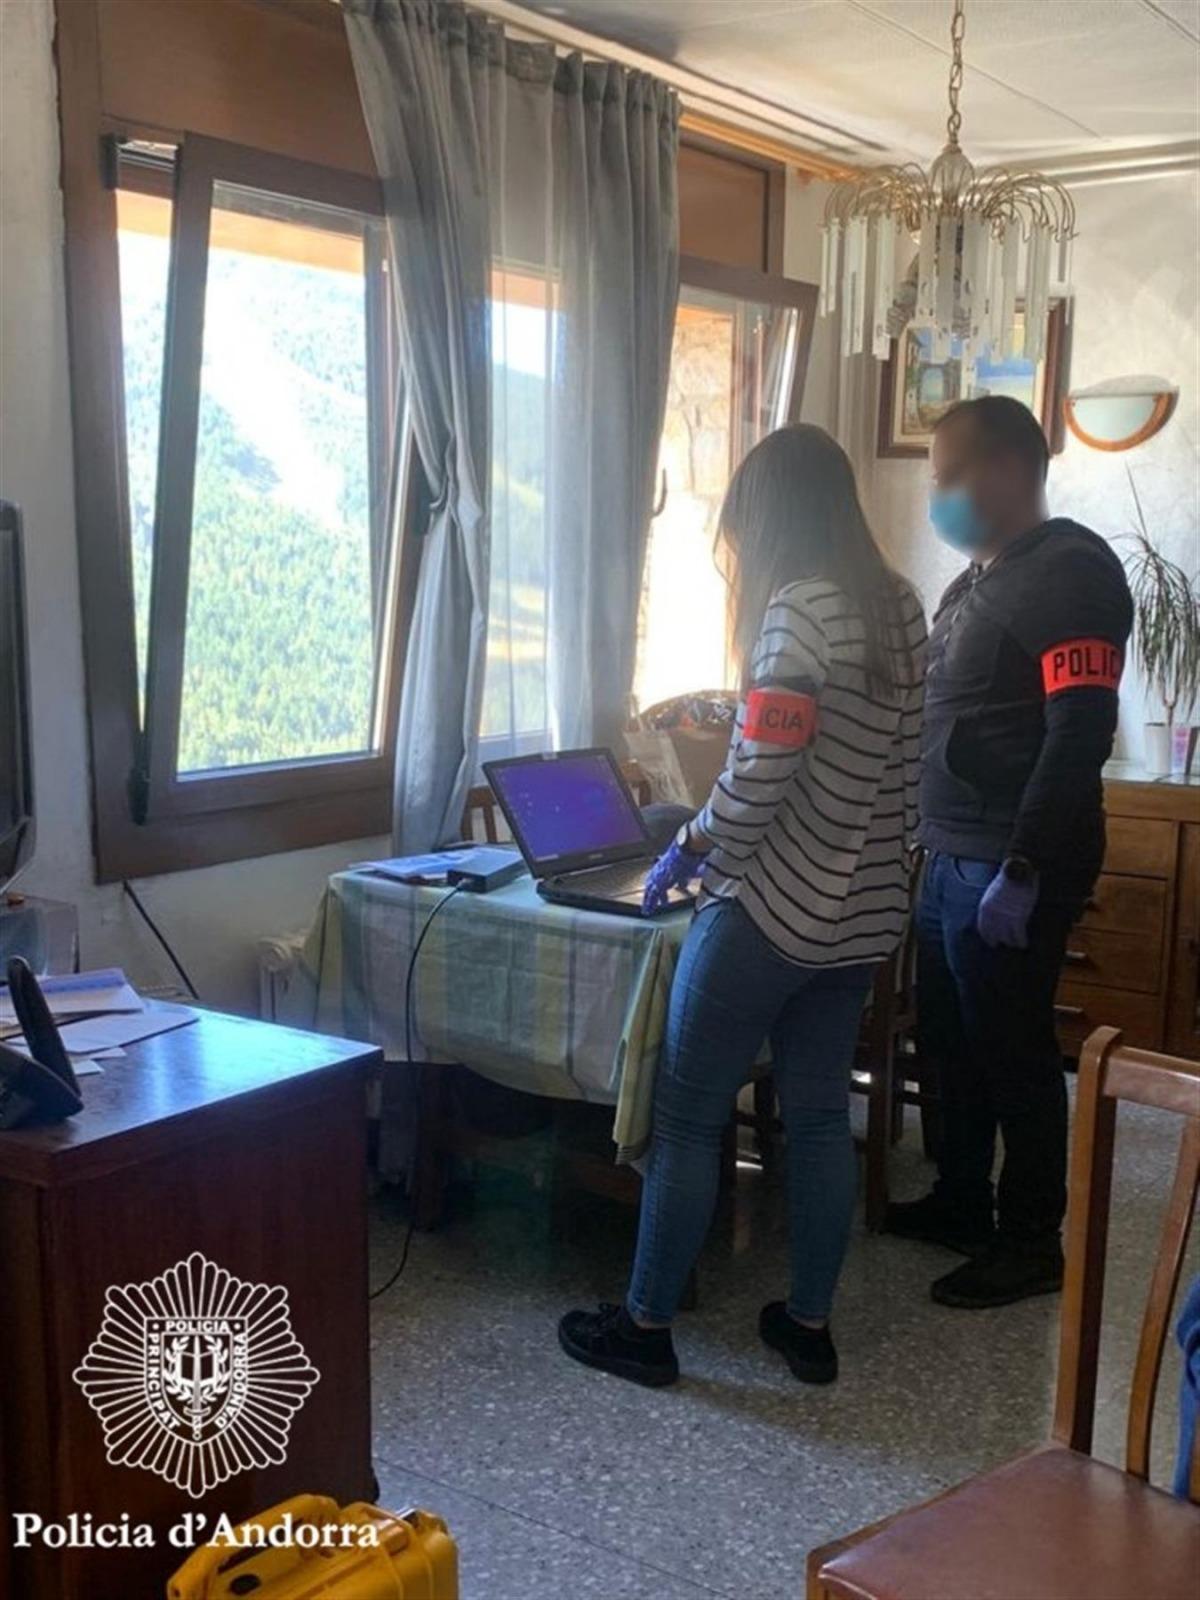 Agents en el moment de l'escorcoll del domicili del detingut.